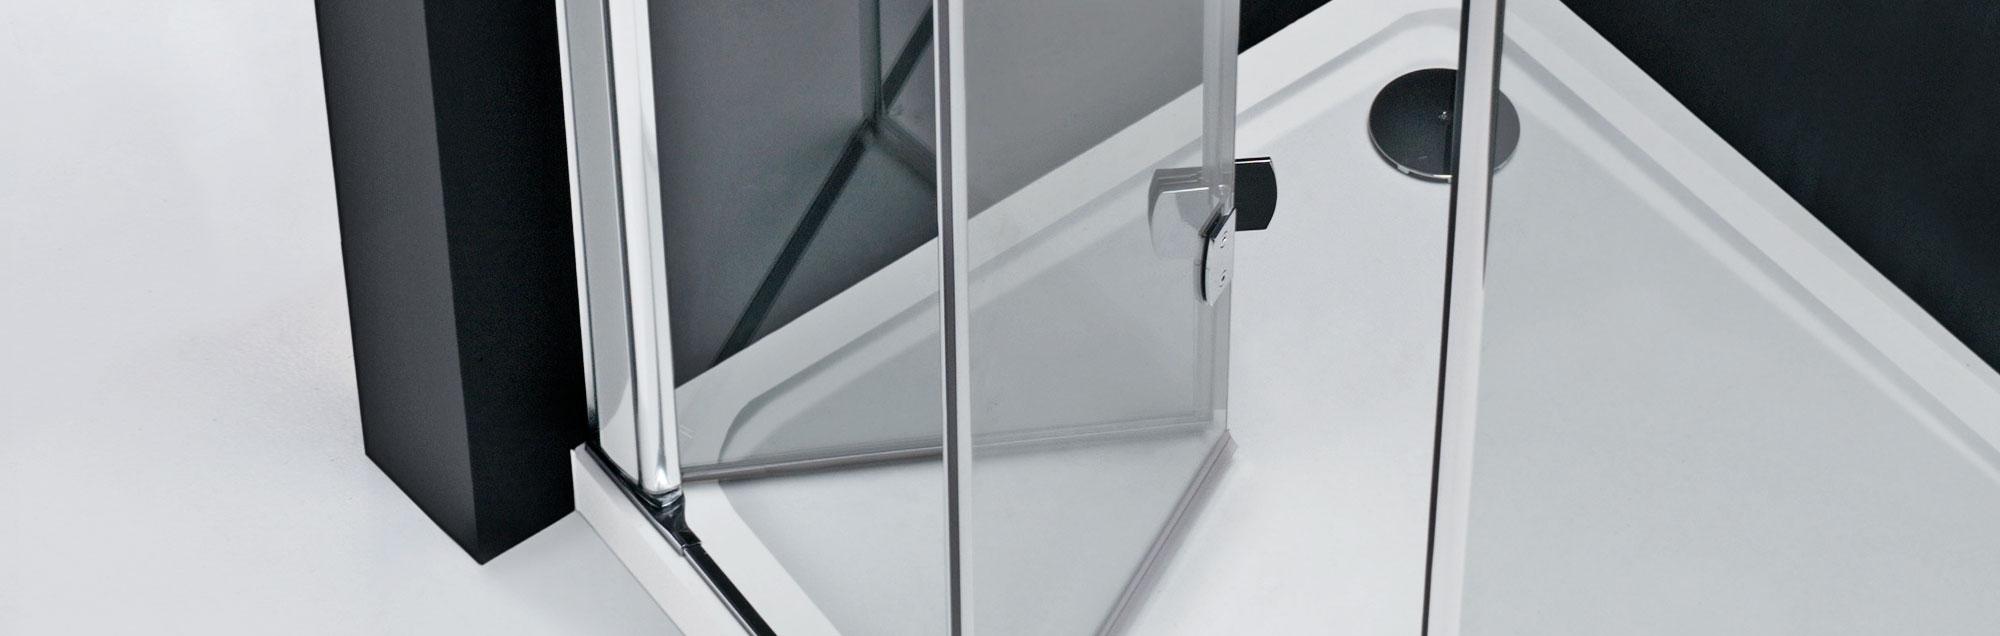 duschw nde mit faltelementen von profiltek. Black Bedroom Furniture Sets. Home Design Ideas